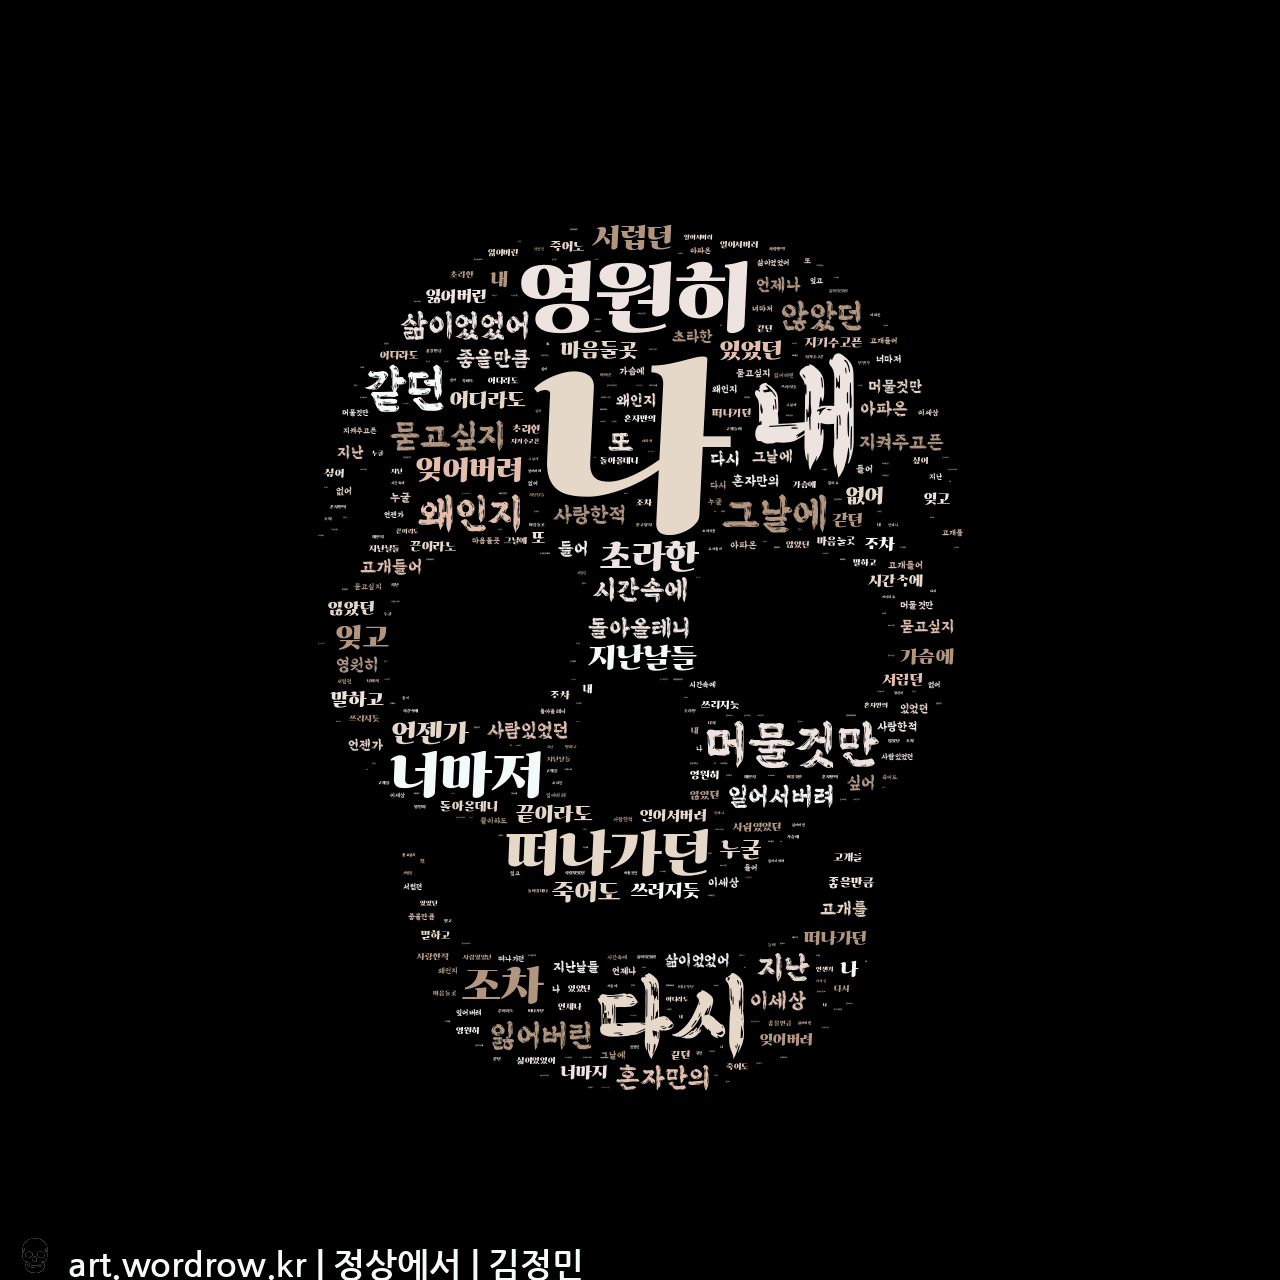 워드 클라우드: 정상에서 [김정민]-27